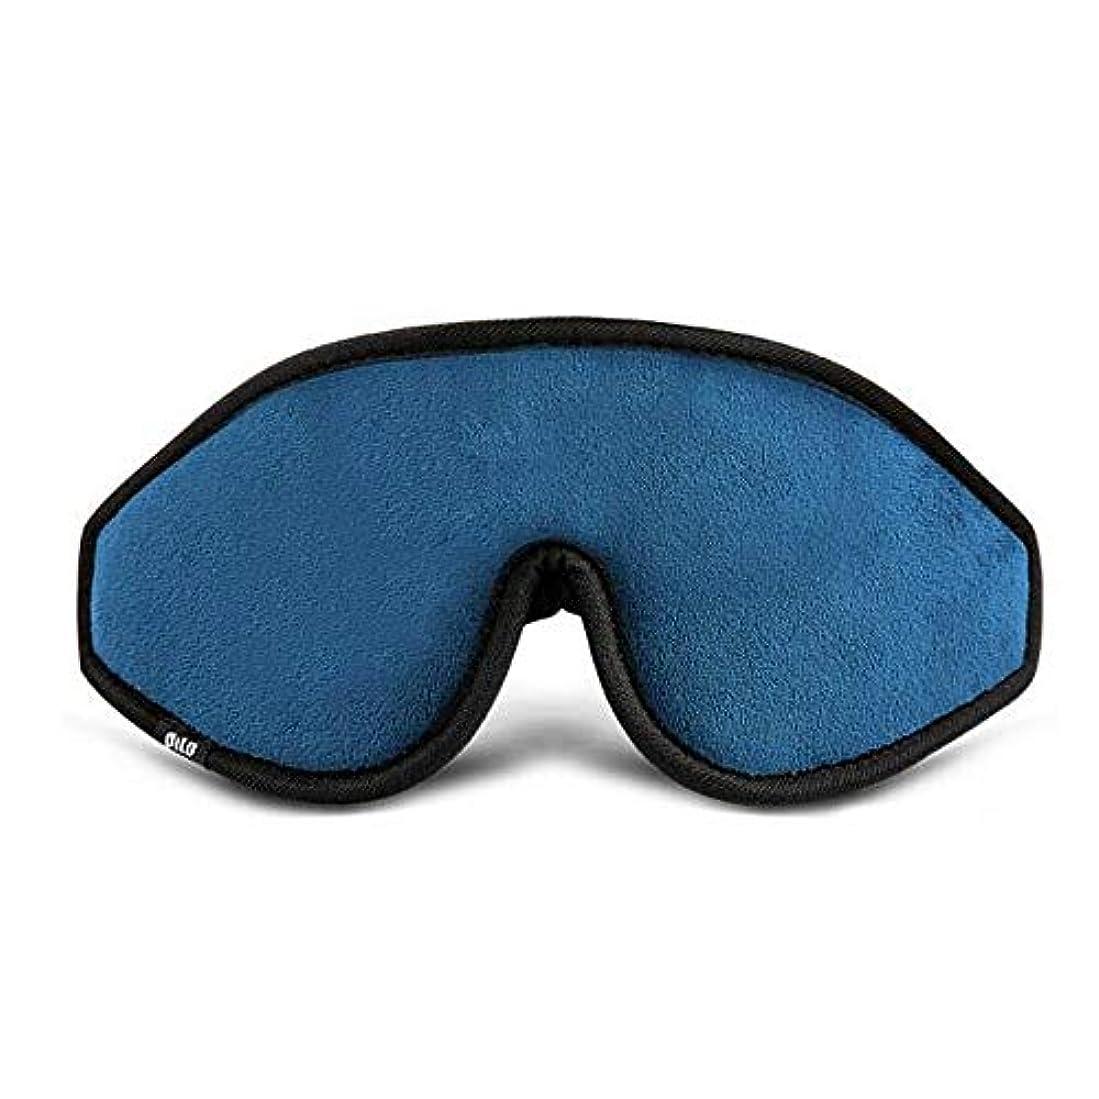 中に手がかりハッピーHUICHEN 3D立体ゴーグルゴーグル睡眠睡眠停電ゴーグル素敵な男性と女性のない睡眠補助ゴーグルアイゴーグル圧力 (Color : Blue)